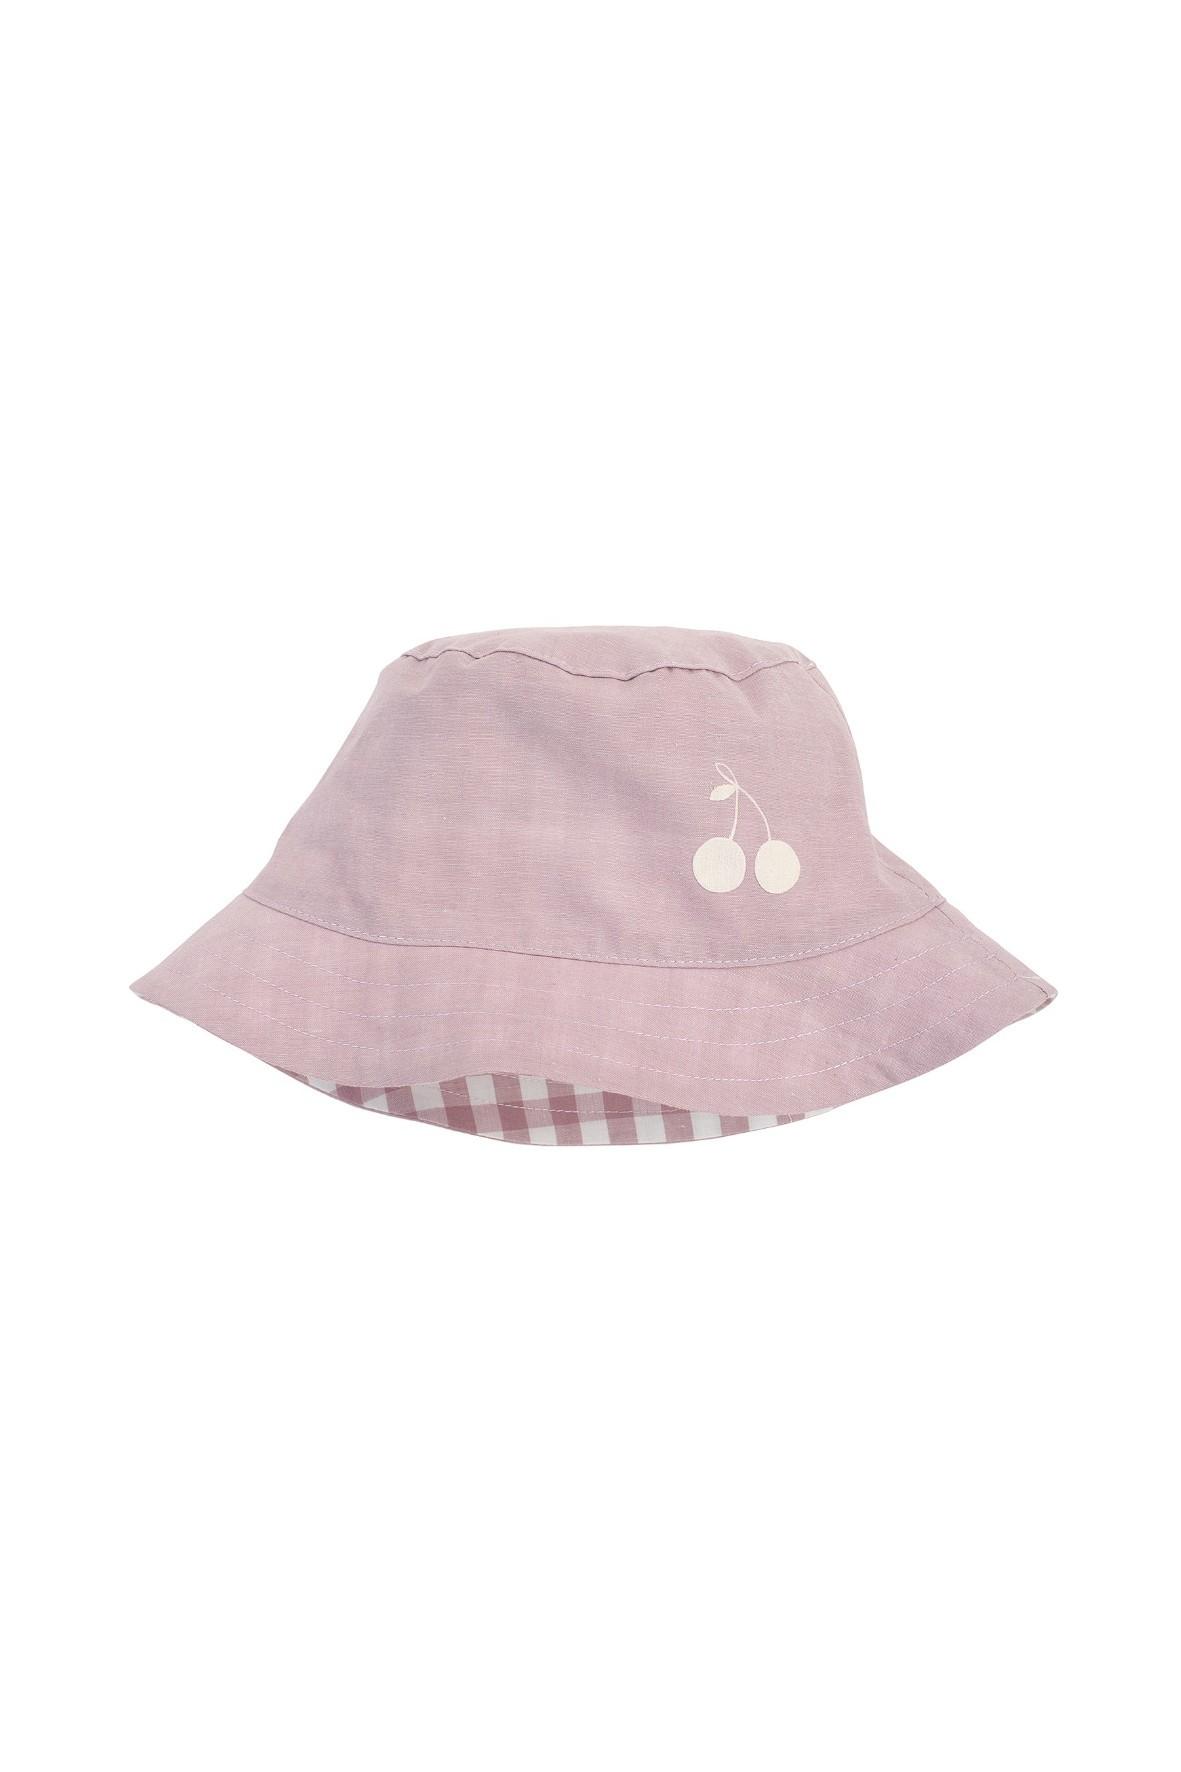 Dwustronny kapelusz z tkaniny bawełnianej w kolorze różowym